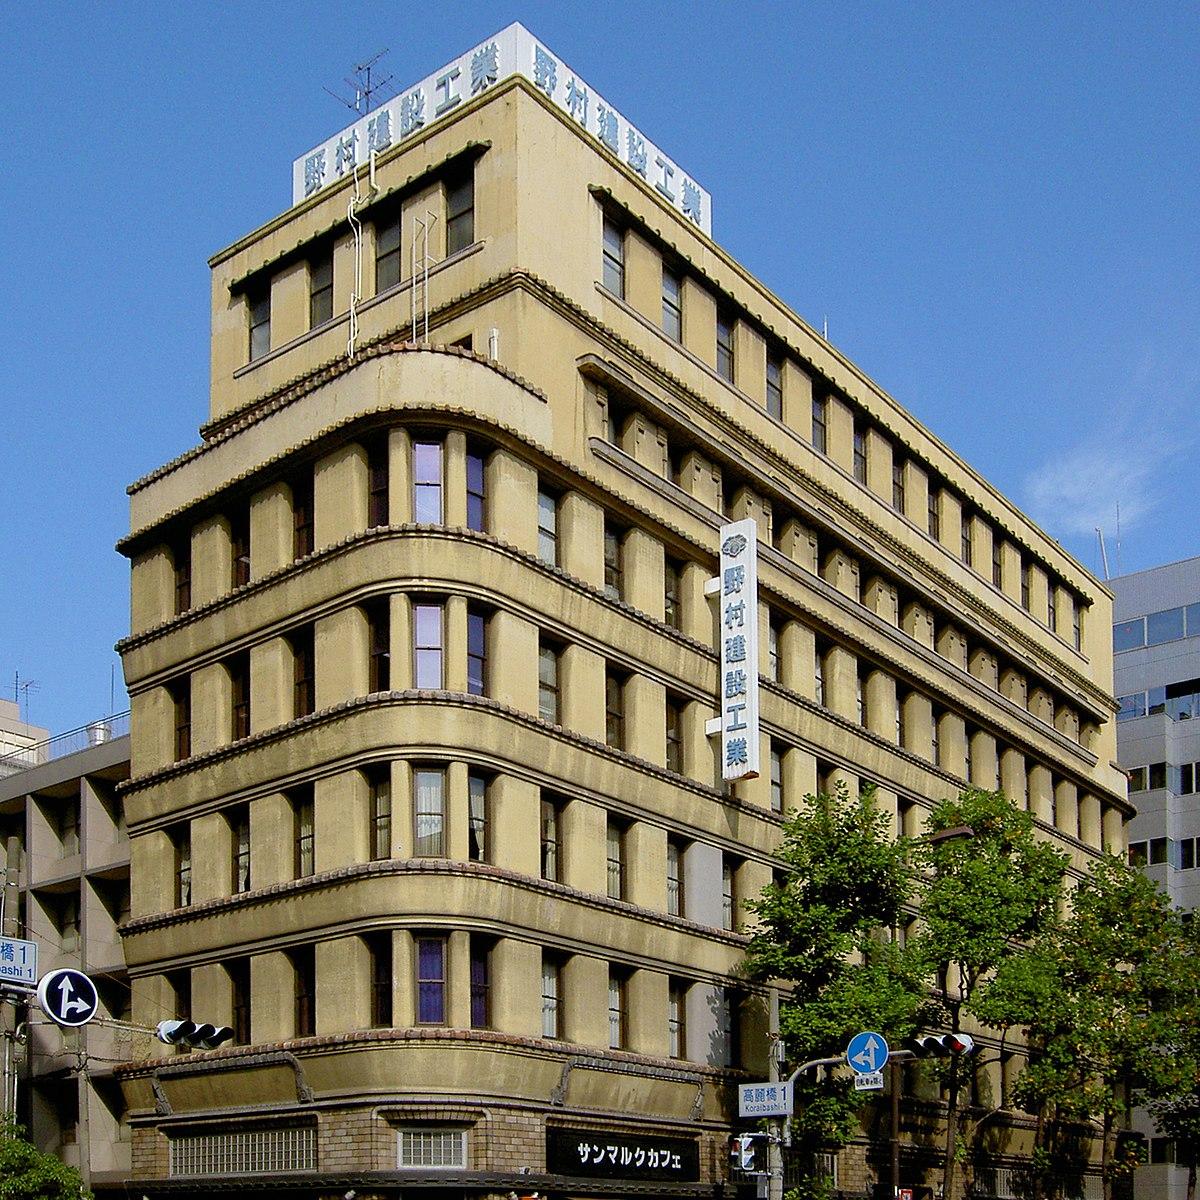 高麗橋野村ビル - Wikipedia